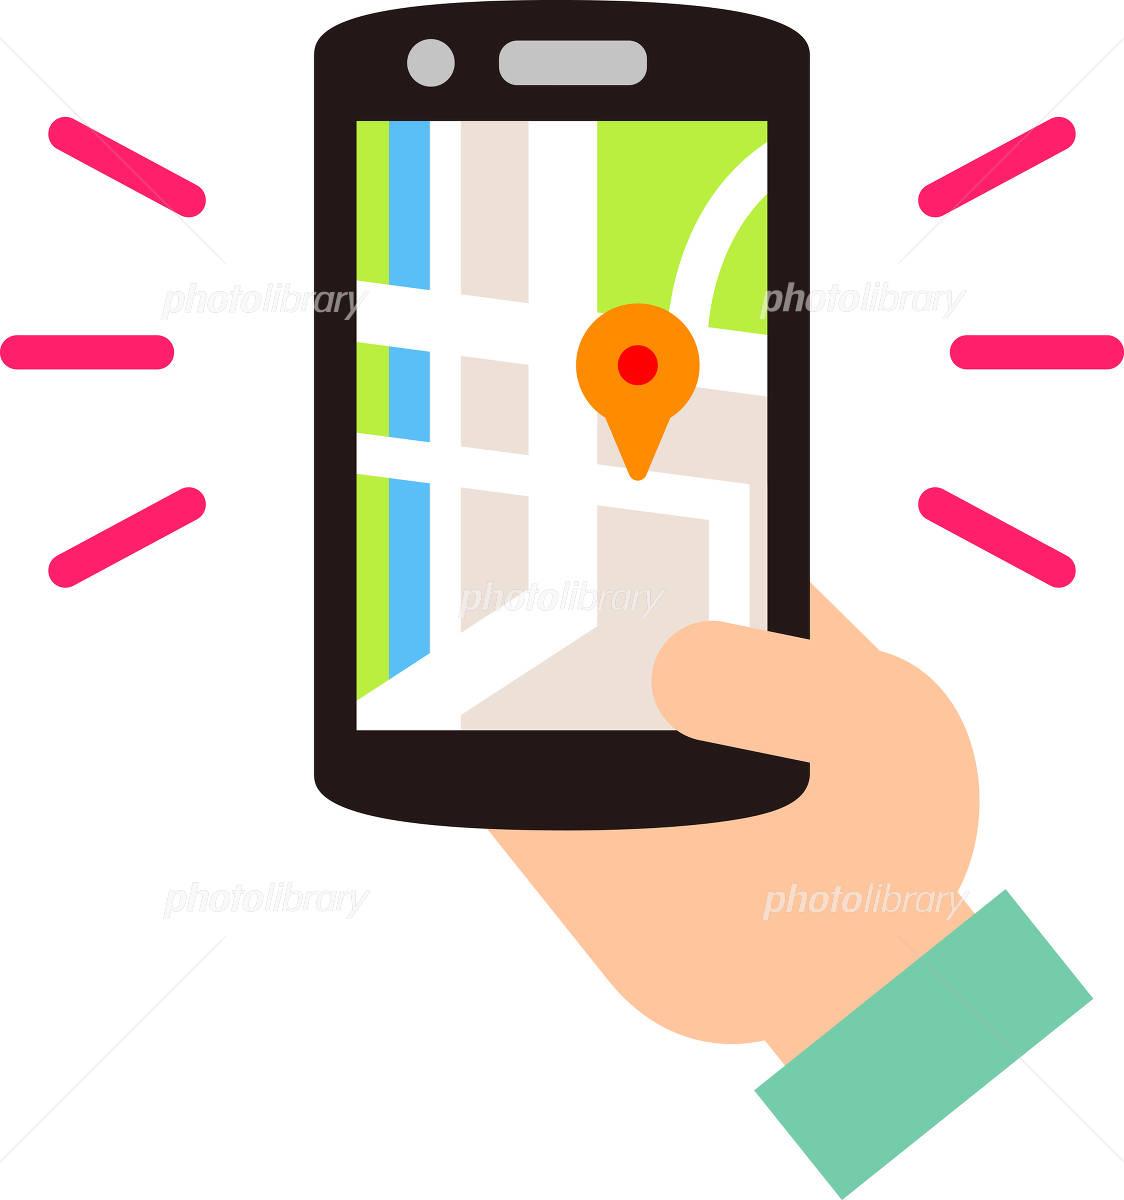 スマートフォンの地図アプリ イラスト素材 4883054 フォトライブ